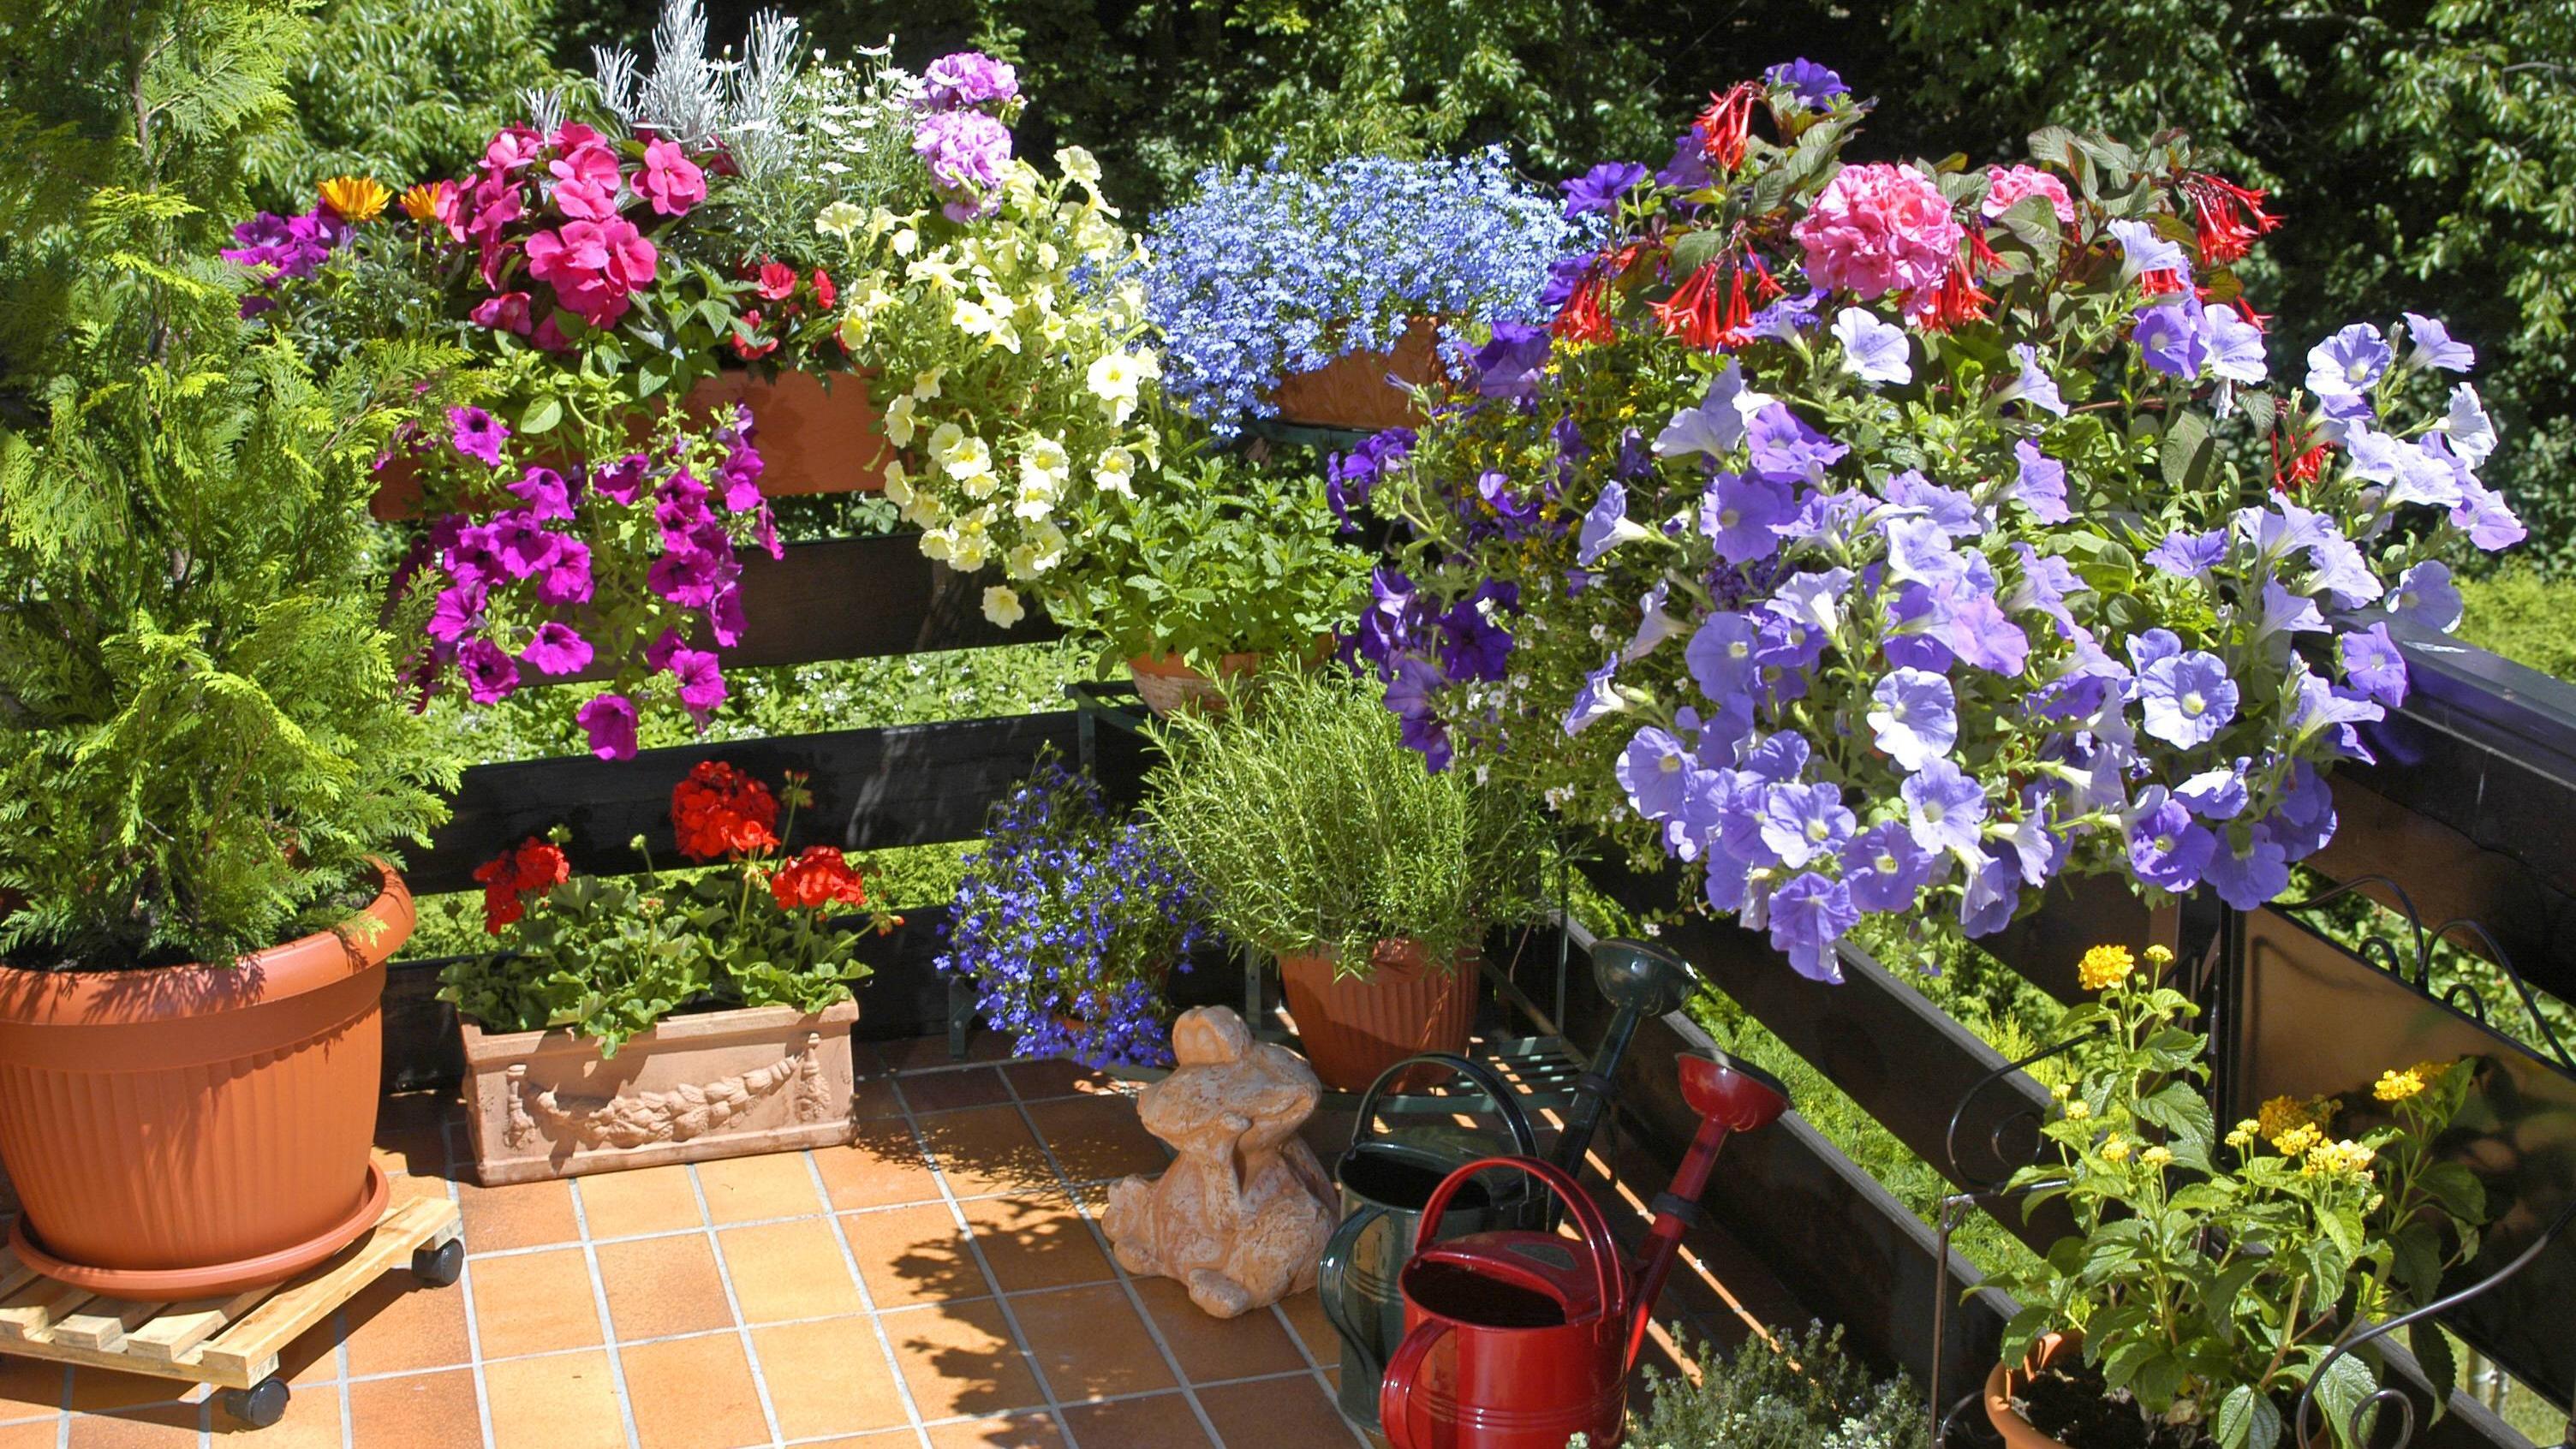 Das sind die besten Pflanzen für den Balkon